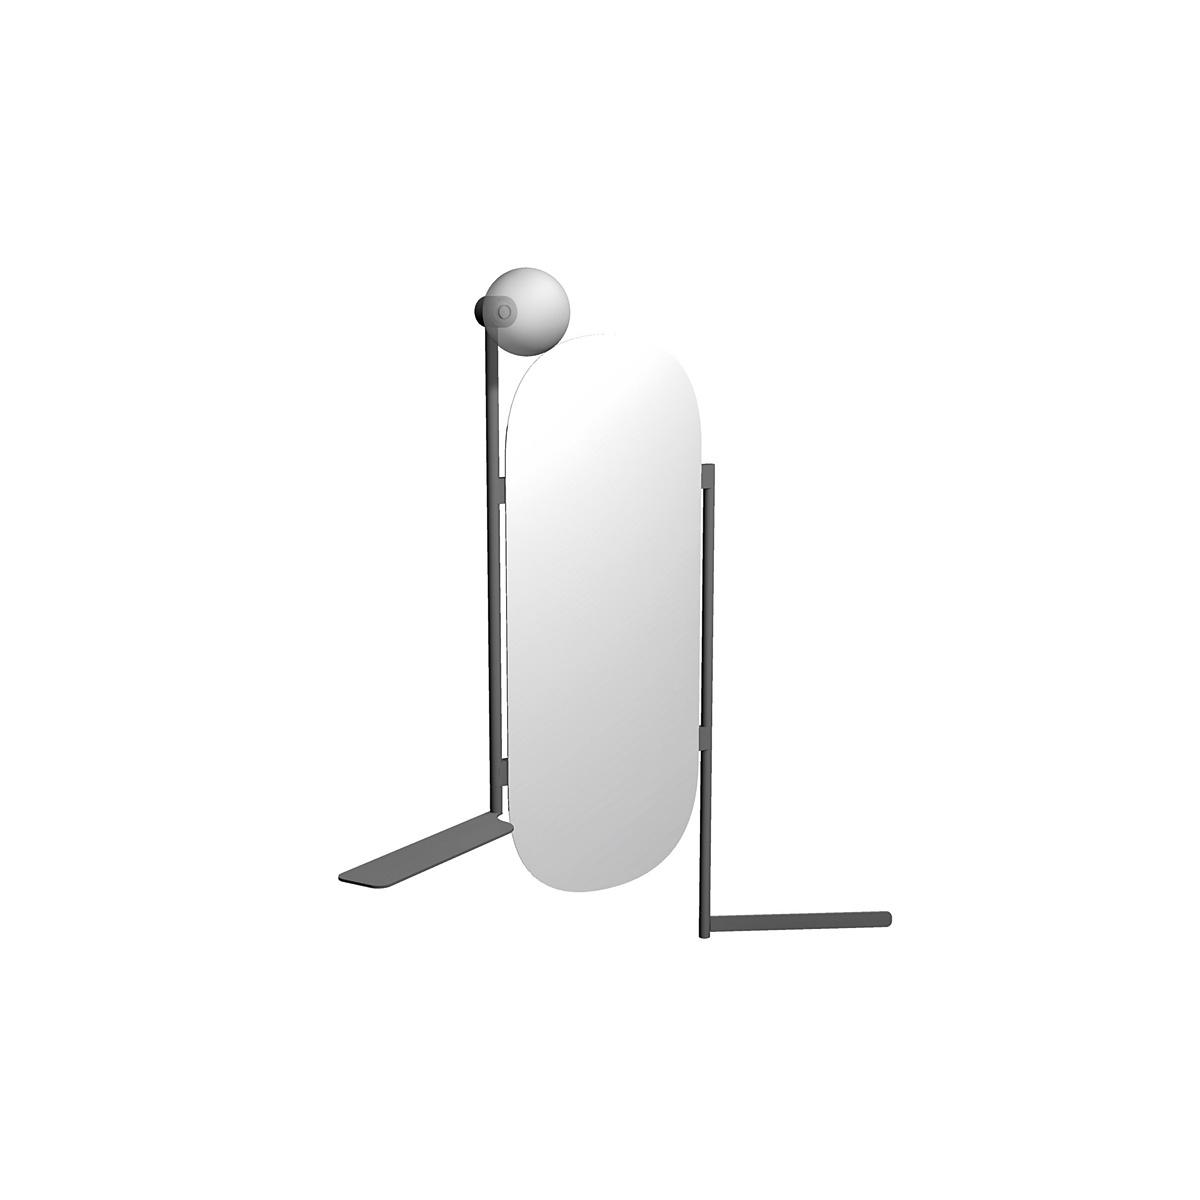 DIVA Spiegel mit Handtuchhalter, Regal, integrierte Lampe